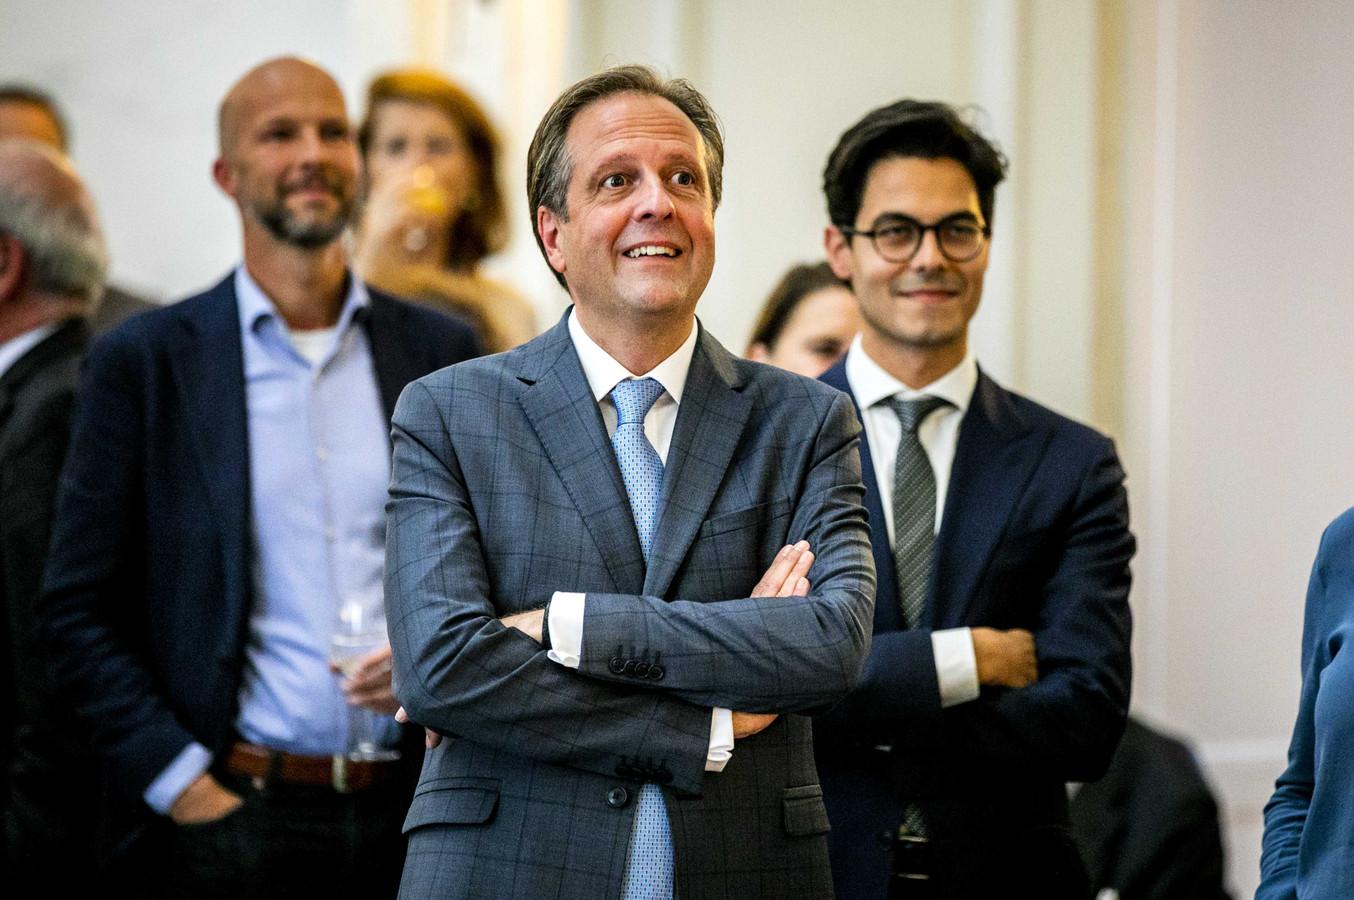 Voormalig D66-leider Alexander Pechtold tijdens zijn afscheidsreceptie in de Oude Zaal van de Tweede Kamer.